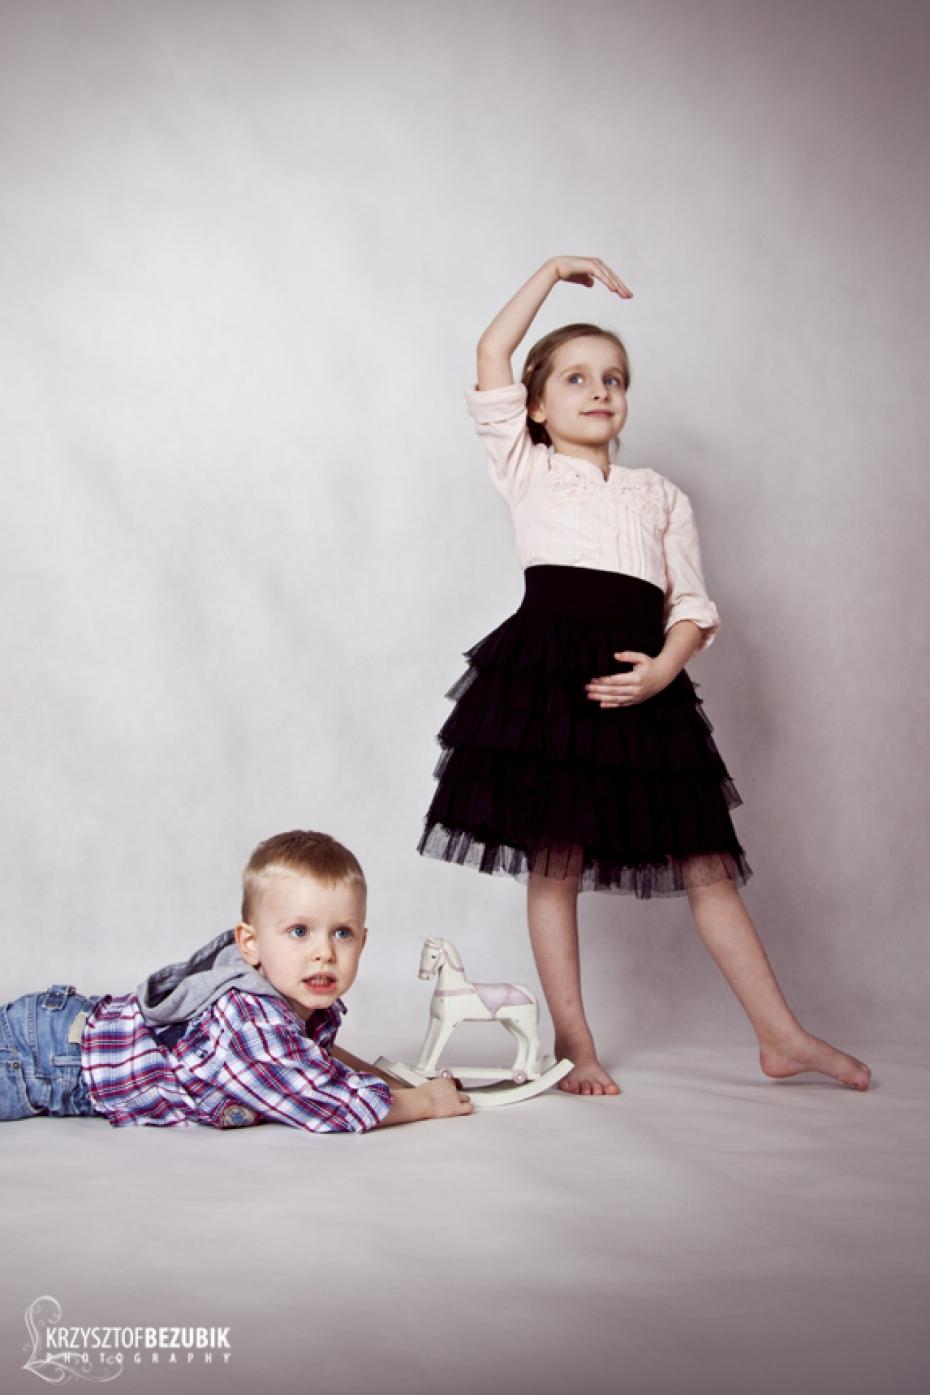 31-fotografia-dziecieca-bialystok-sesje-dzieciece-bialystok-zdjecia-dzieci-bialystok-sesje-dzieci-bialystok-sesje-ciazowe-bialystok